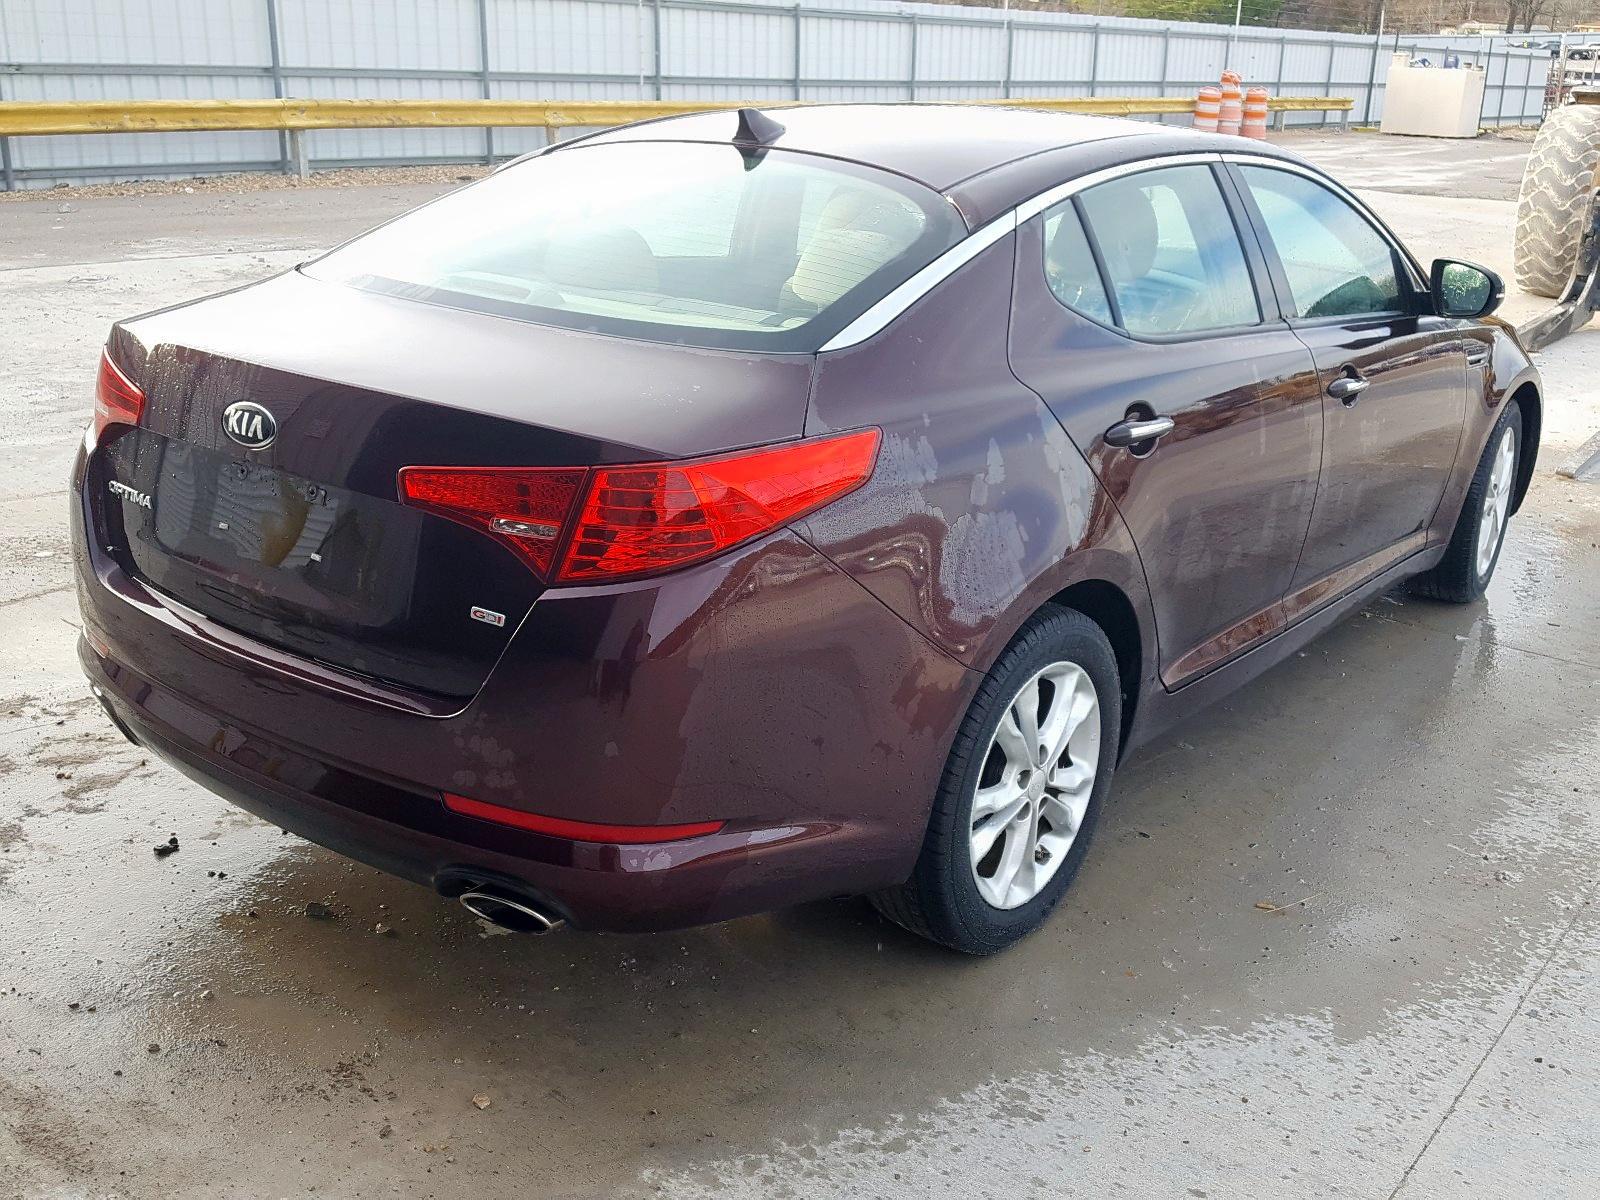 5XXGM4A74DG124007 - 2013 Kia Optima Lx 2.4L rear view